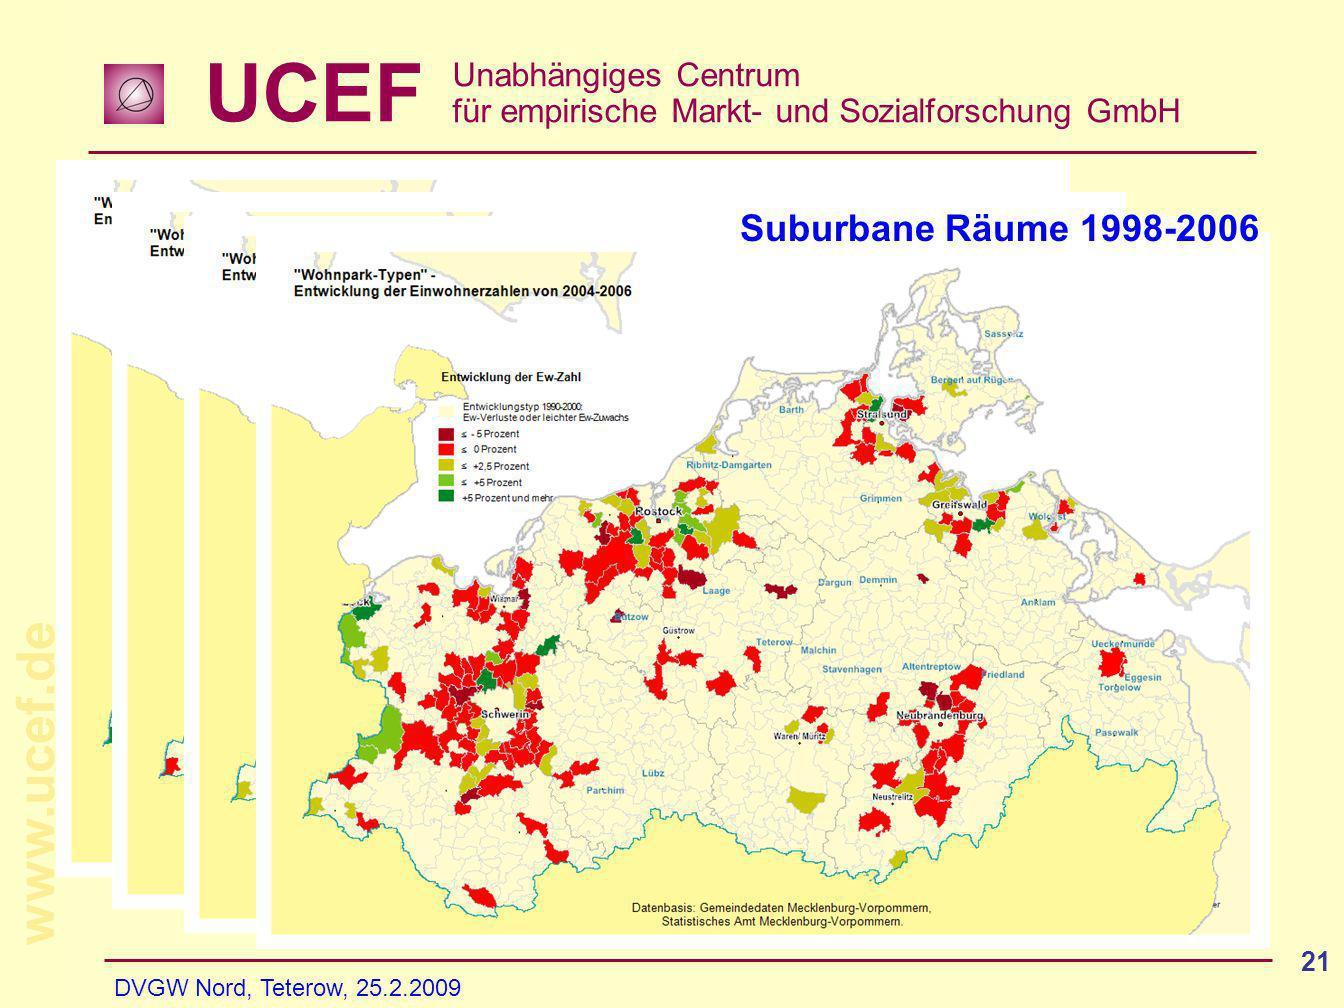 UCEF Unabhängiges Centrum für empirische Markt- und Sozialforschung GmbH www.ucef.de DVGW Nord, Teterow, 25.2.2009 21 Suburbane Räume 1998-2006